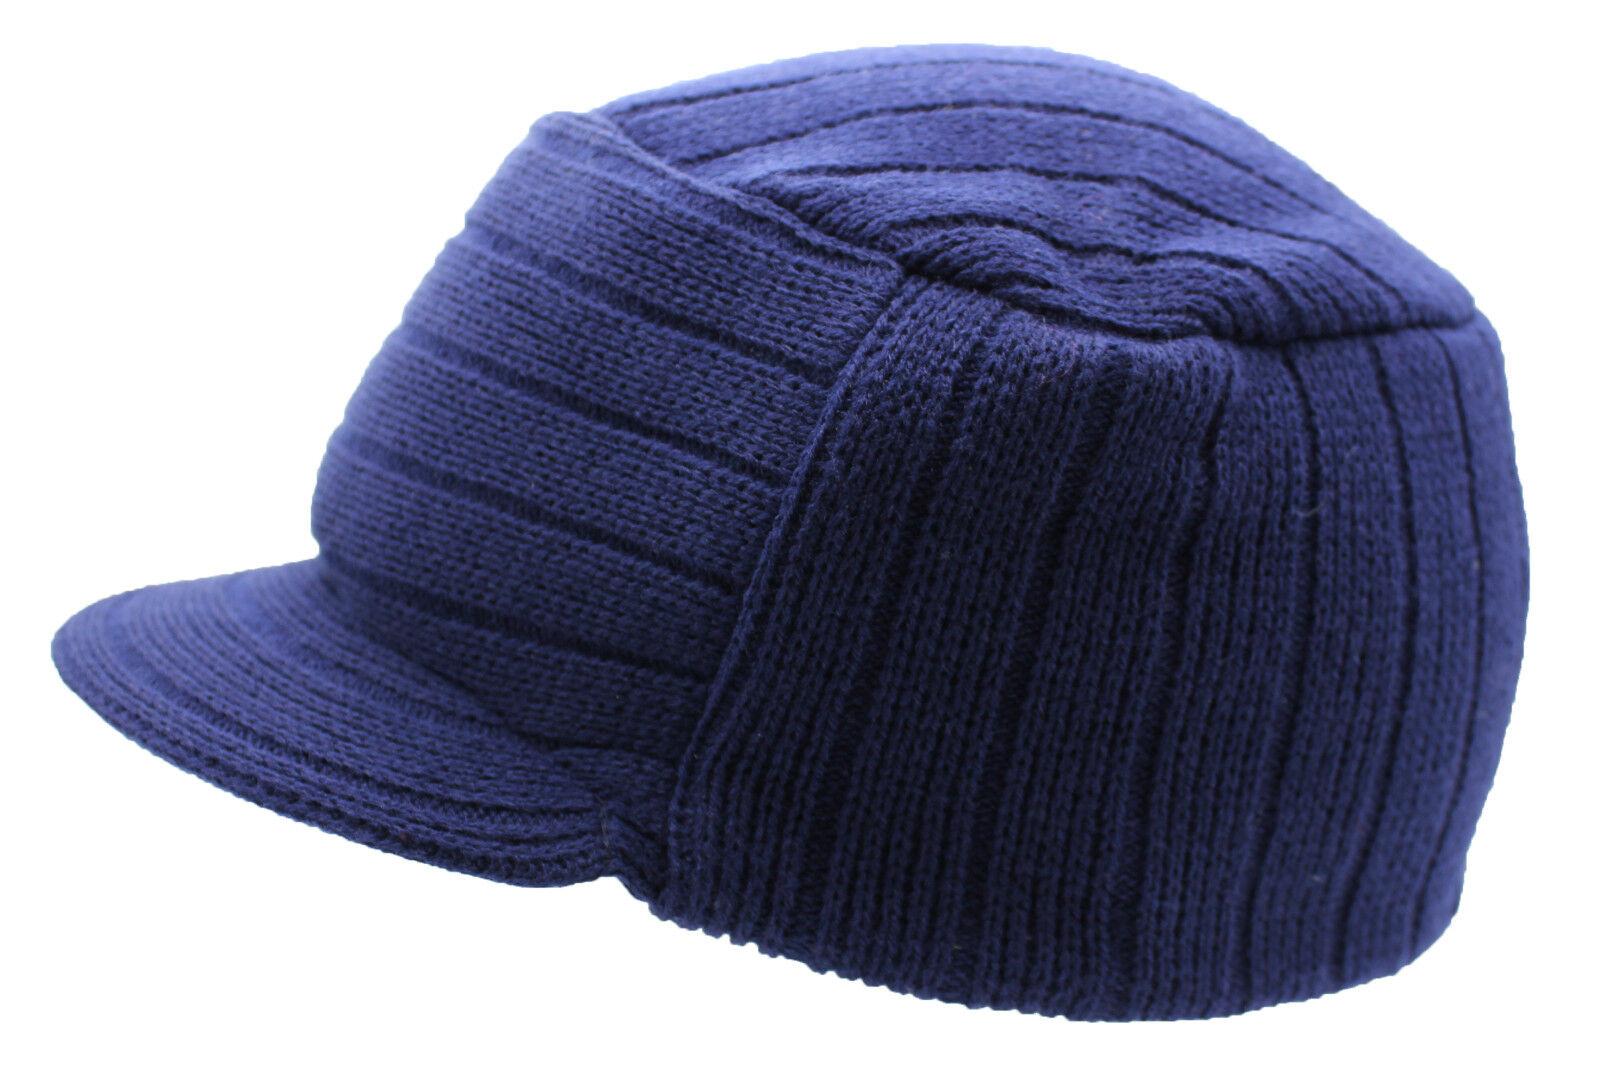 Unisex blu Navy urbano ricurva Beanie inverno lavoro a maglia ha raggiunto  la posizione sci cappello unica taglia 2966cb93af12